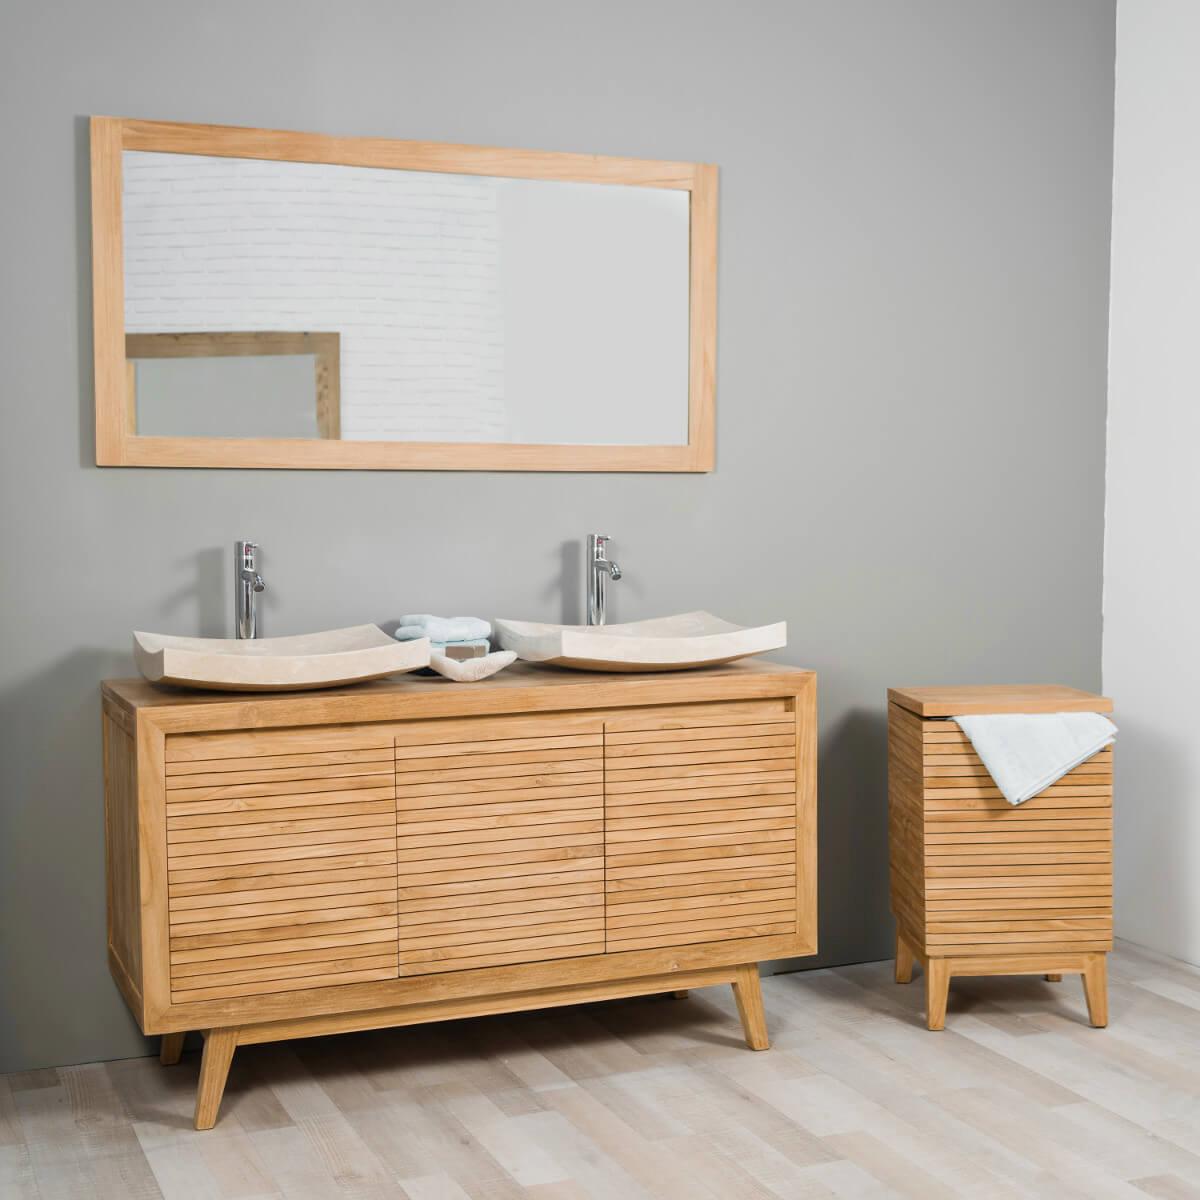 Catalogue Kitea Salle De Bain ~ salle de bain compacte salle de bain compacte with salle de bain